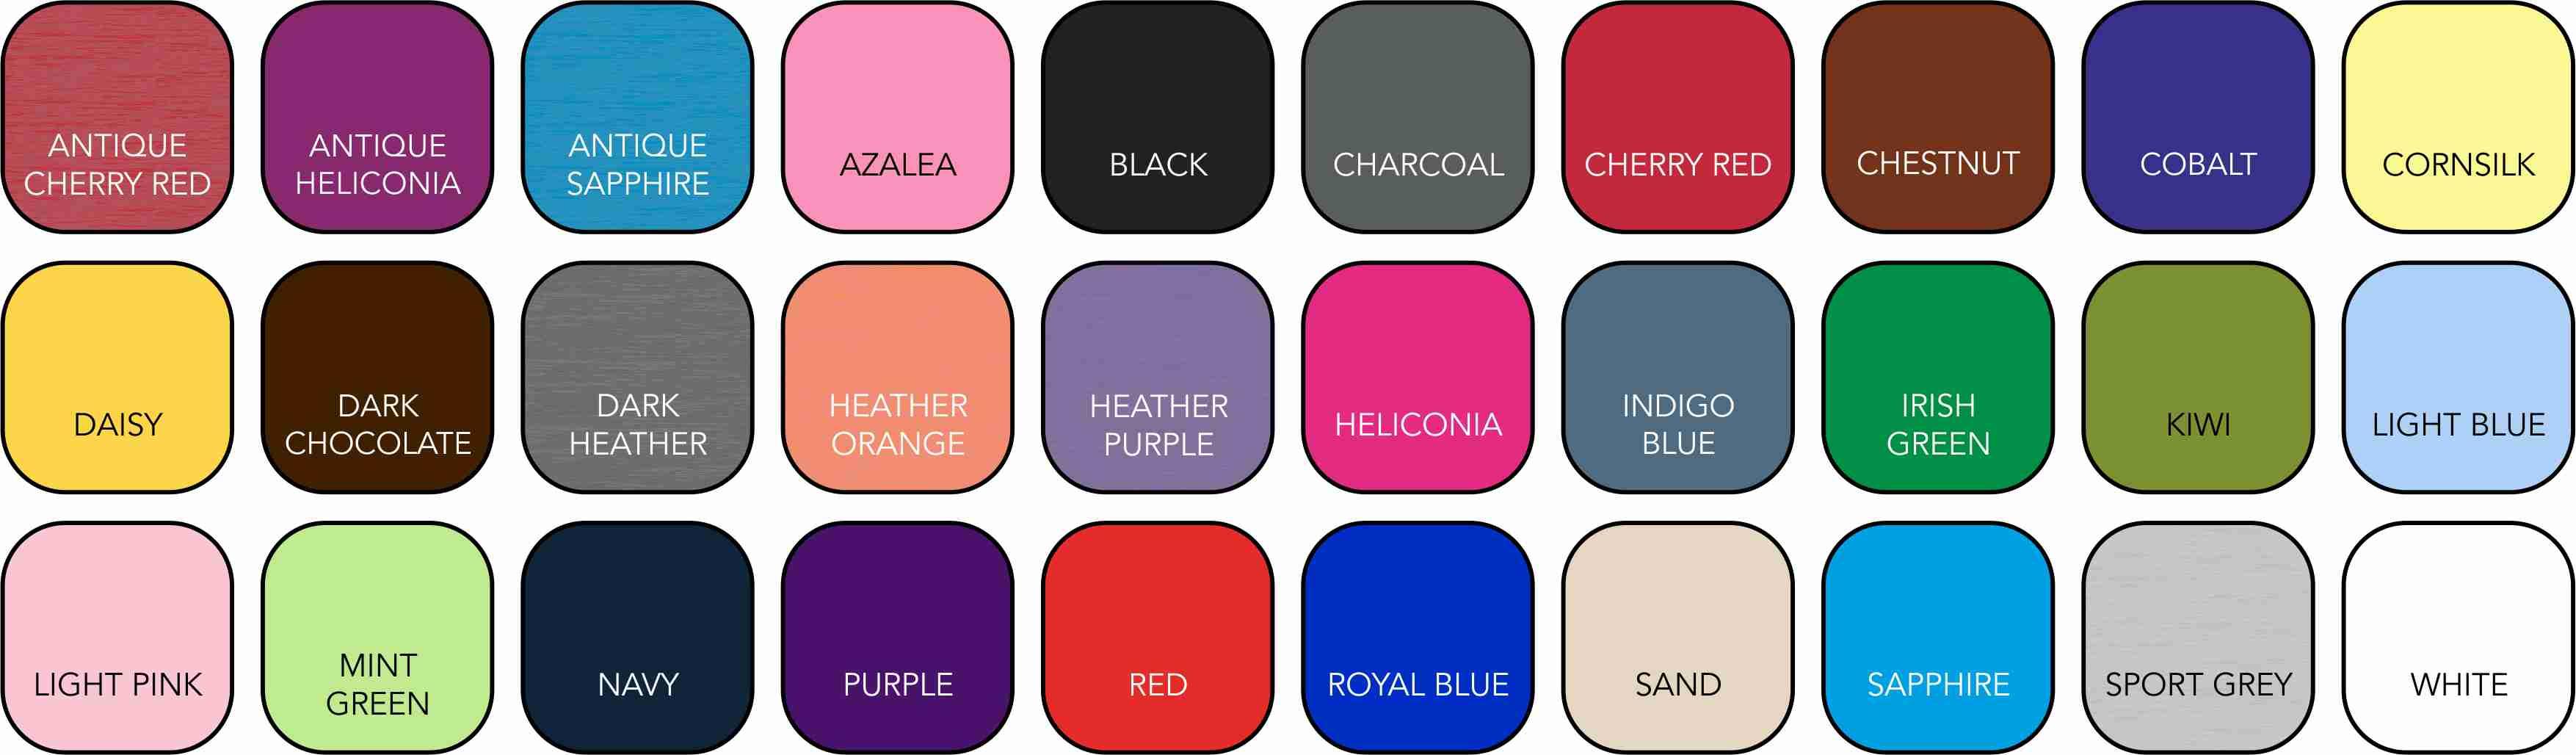 GD001 Ladies' Colour Range